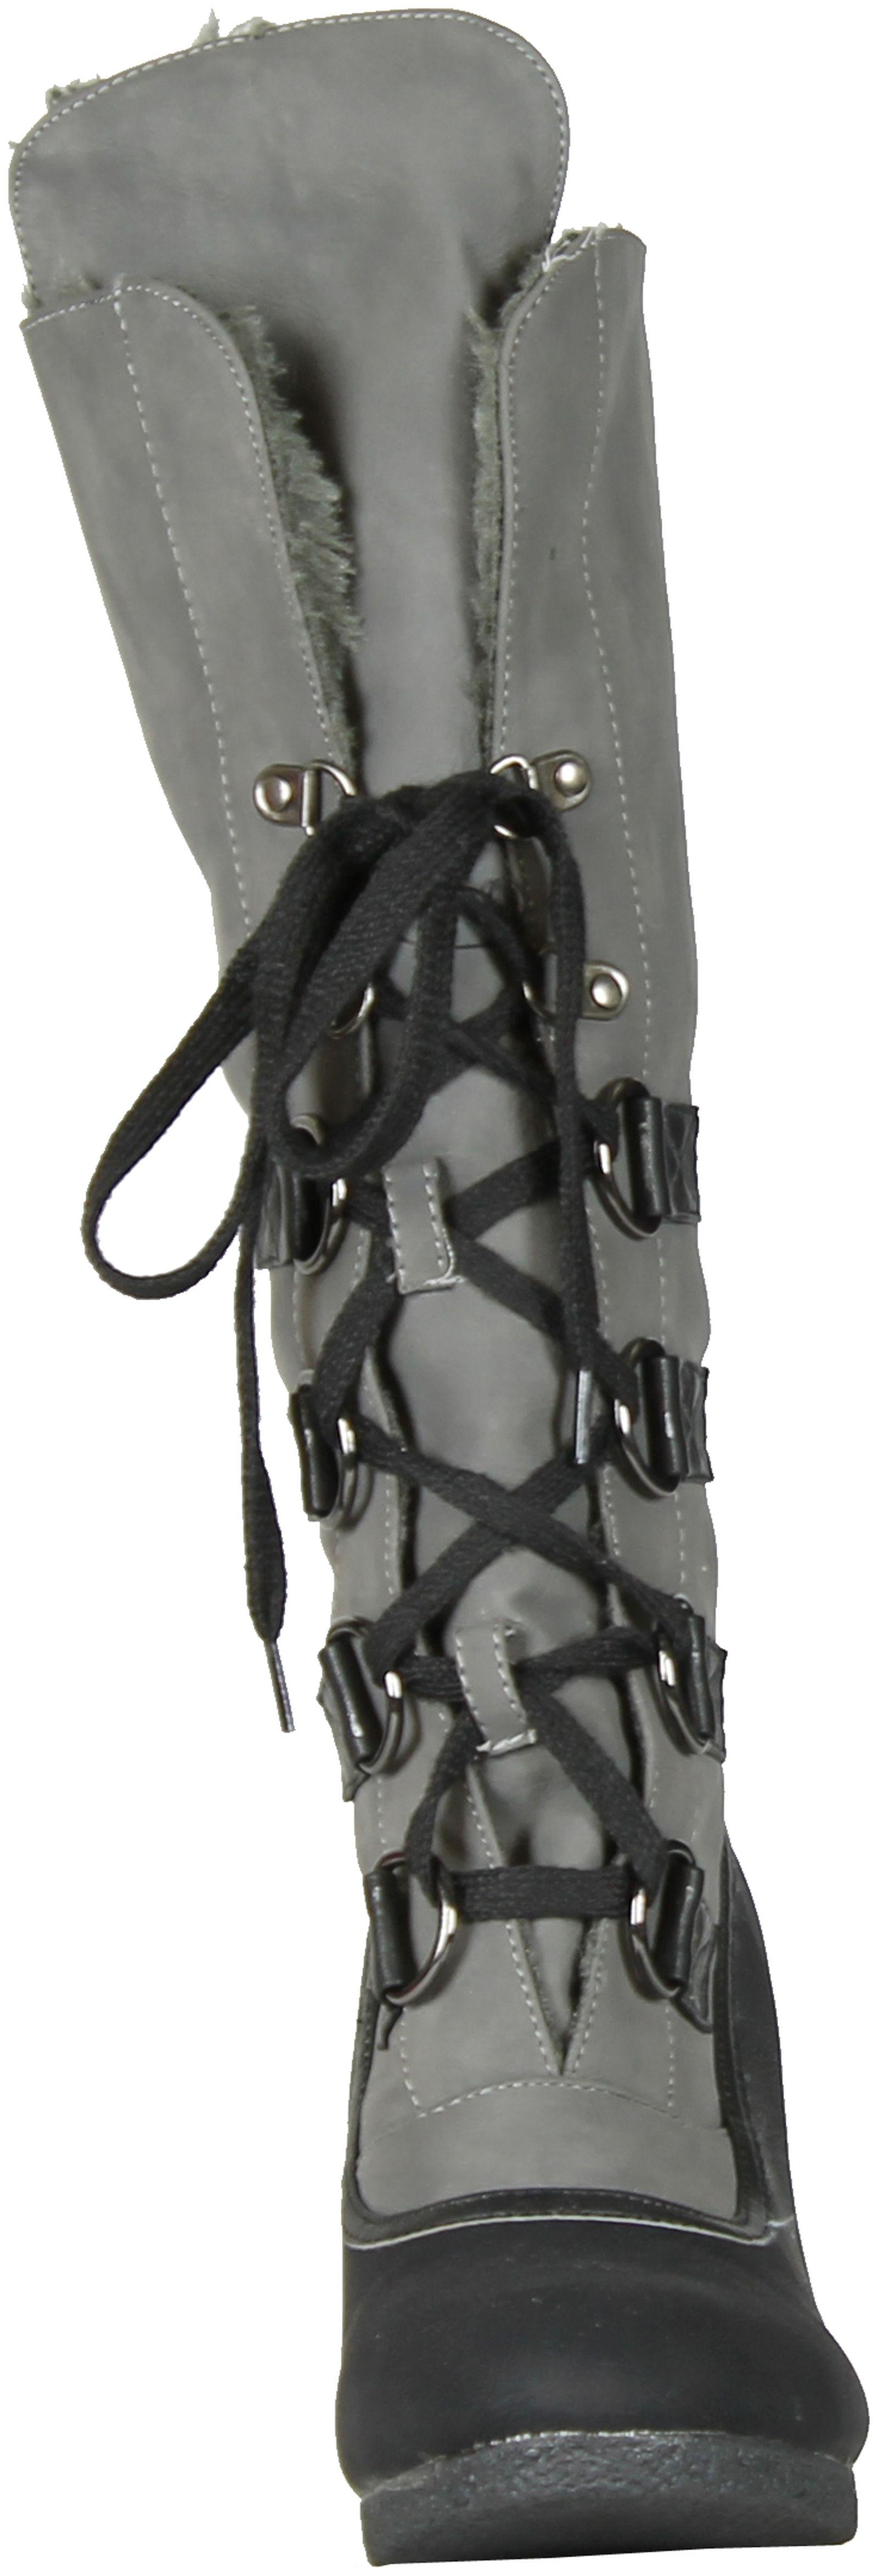 Gcny buena opción para Alaska Mujer Moda Con Cordones Cuña Botines De Alaska para e0f154